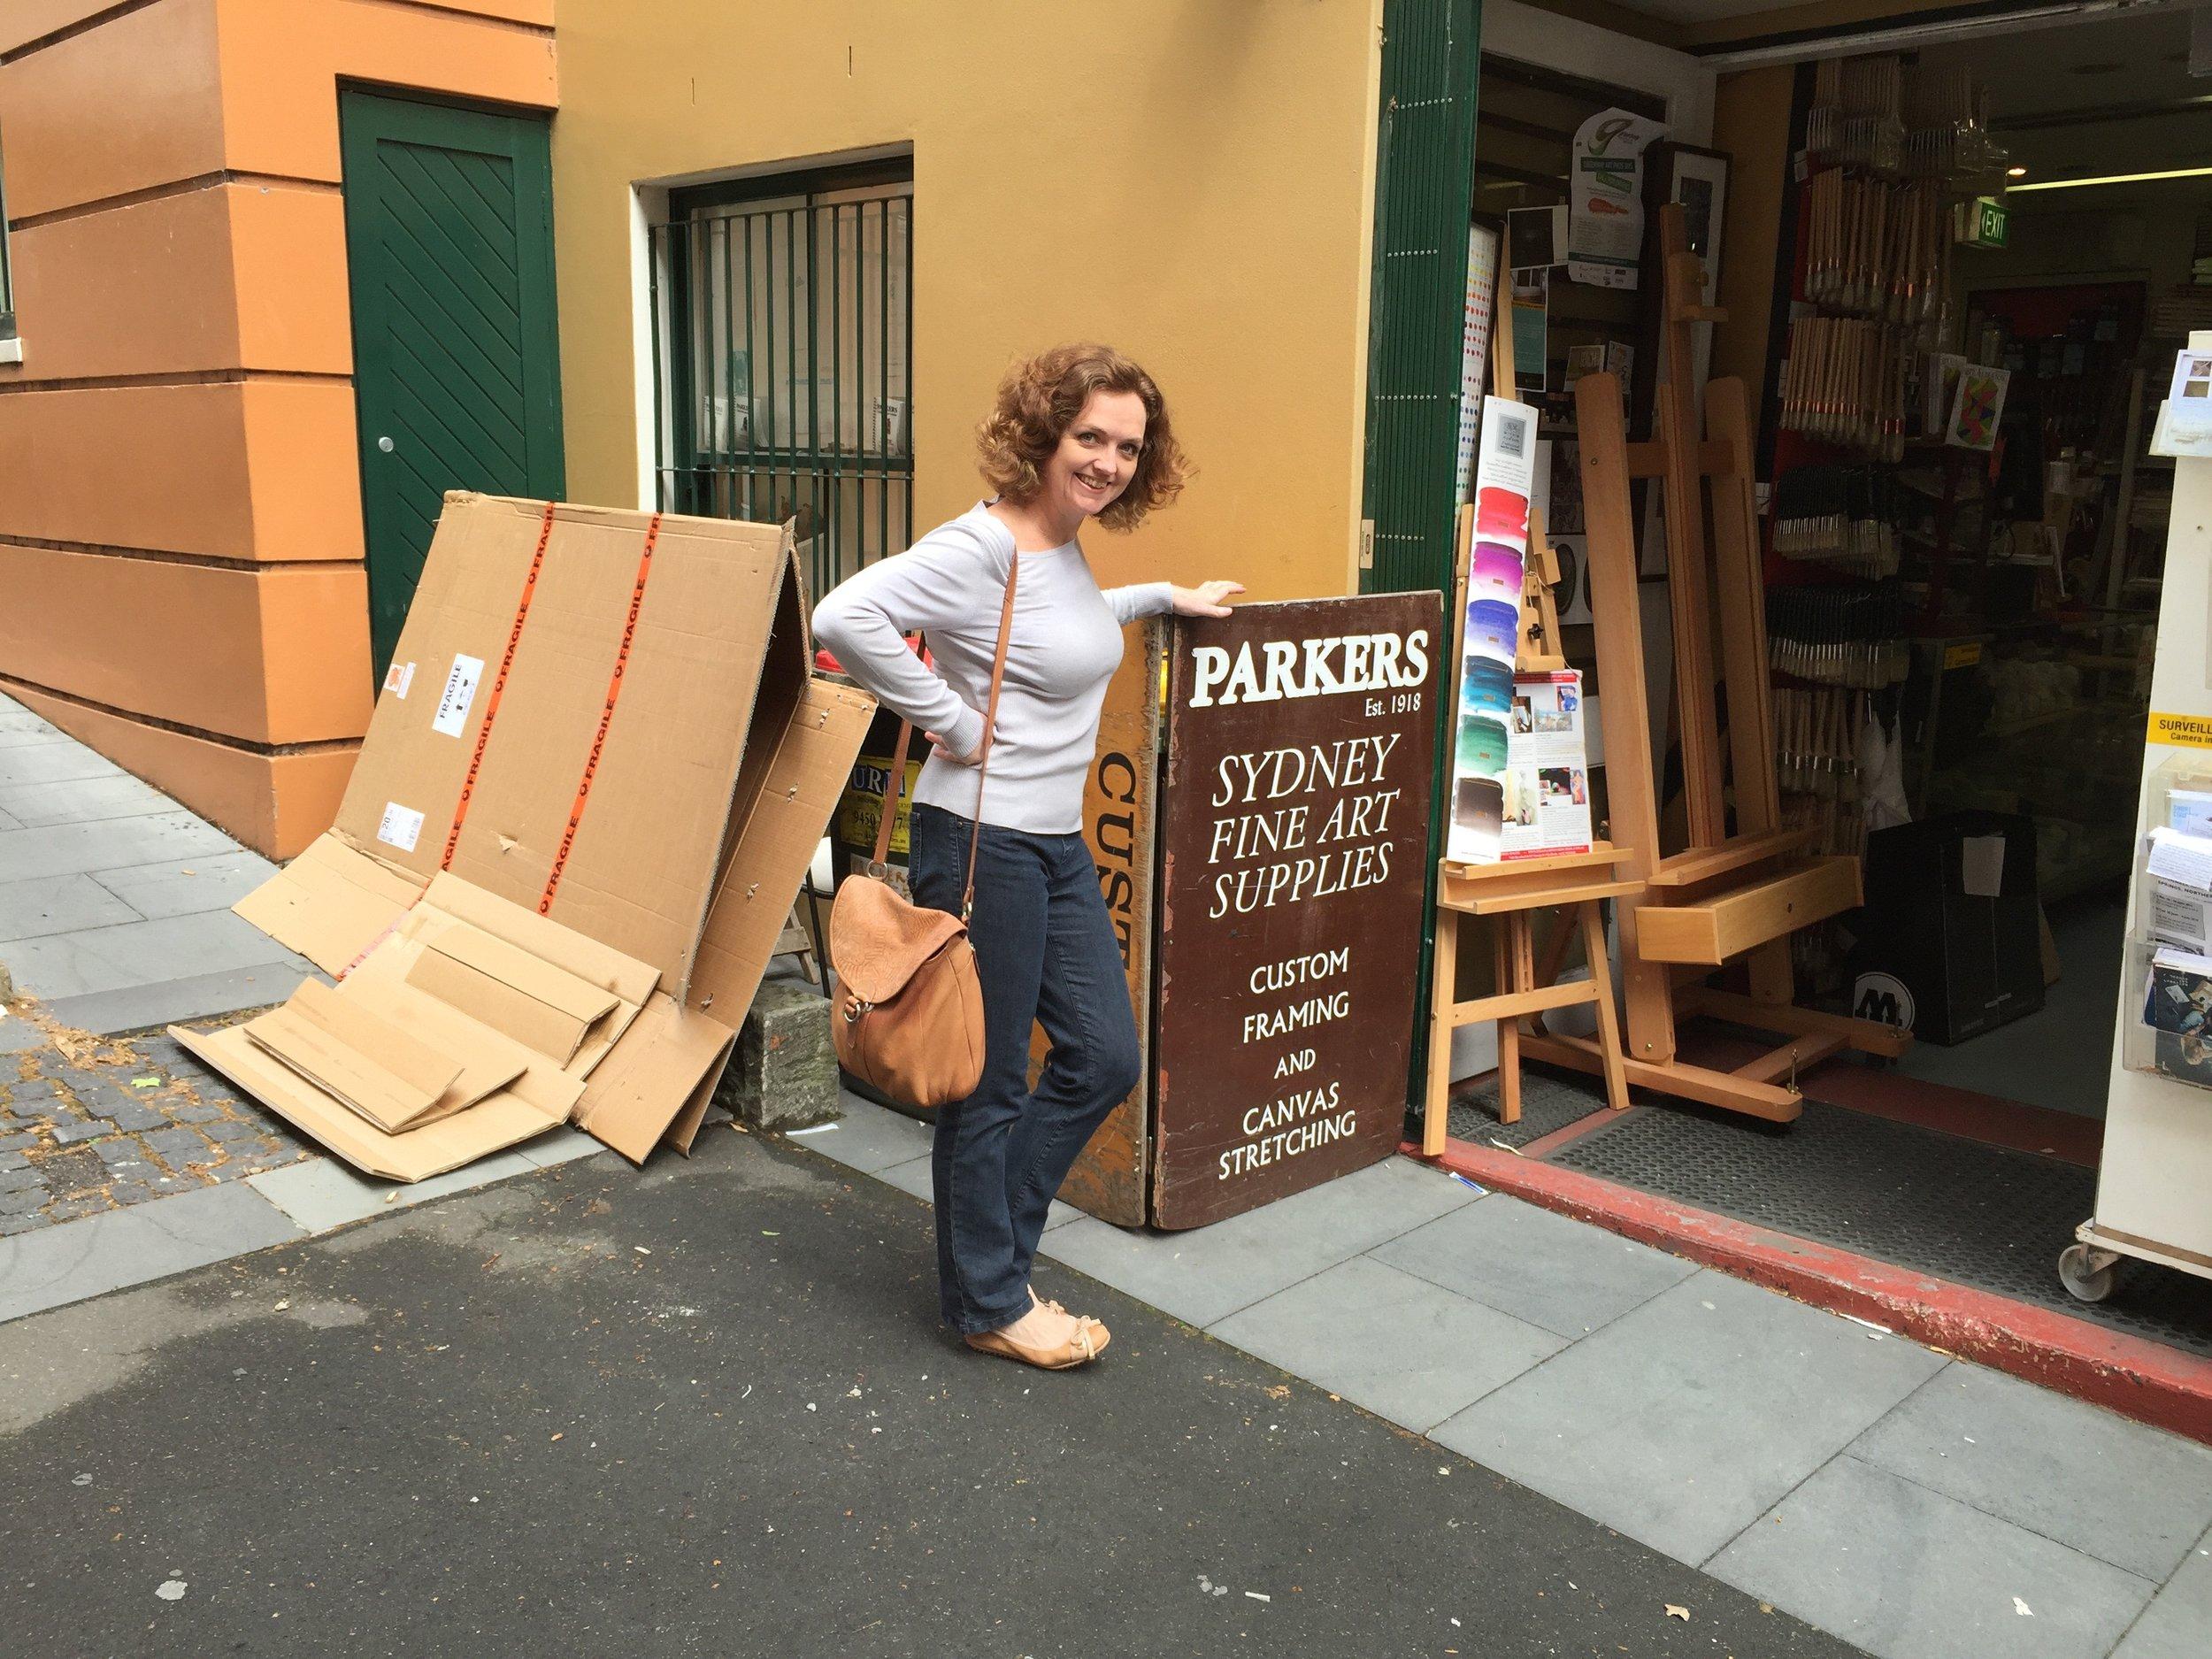 My favourite Art Supplies shop in Sydney.